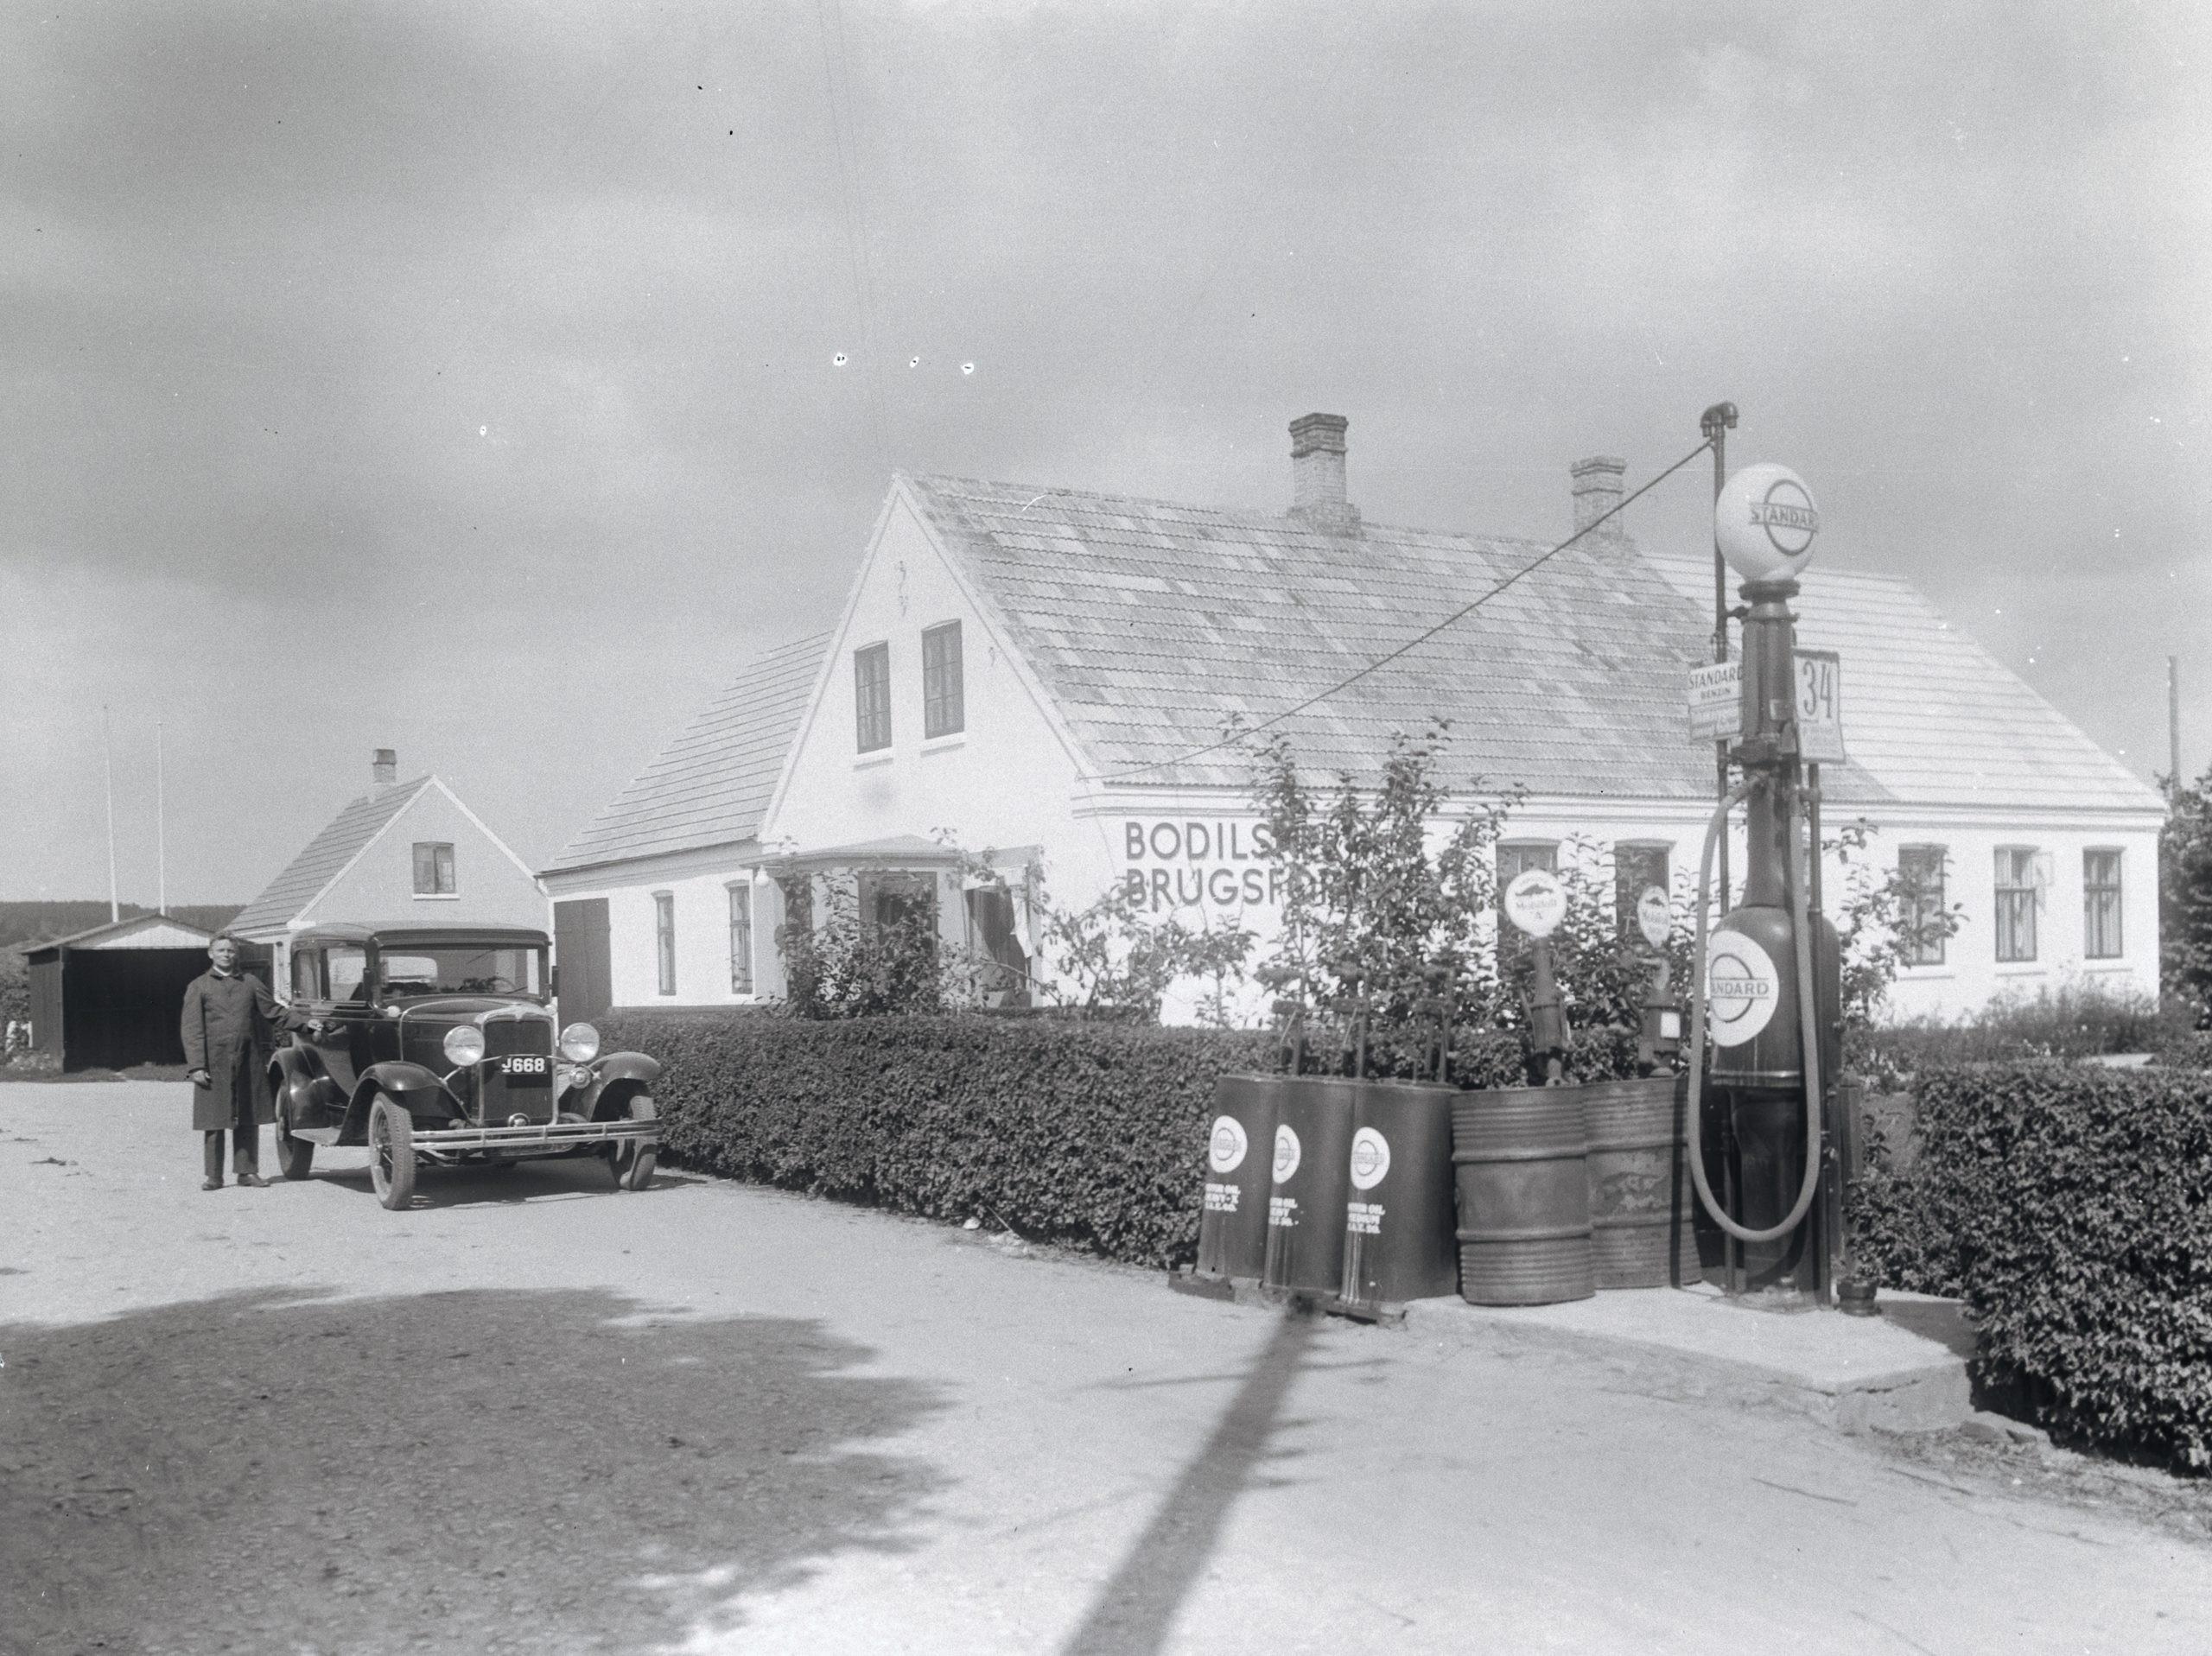 Bodisker Brugsforening og Standard Stander - 1932